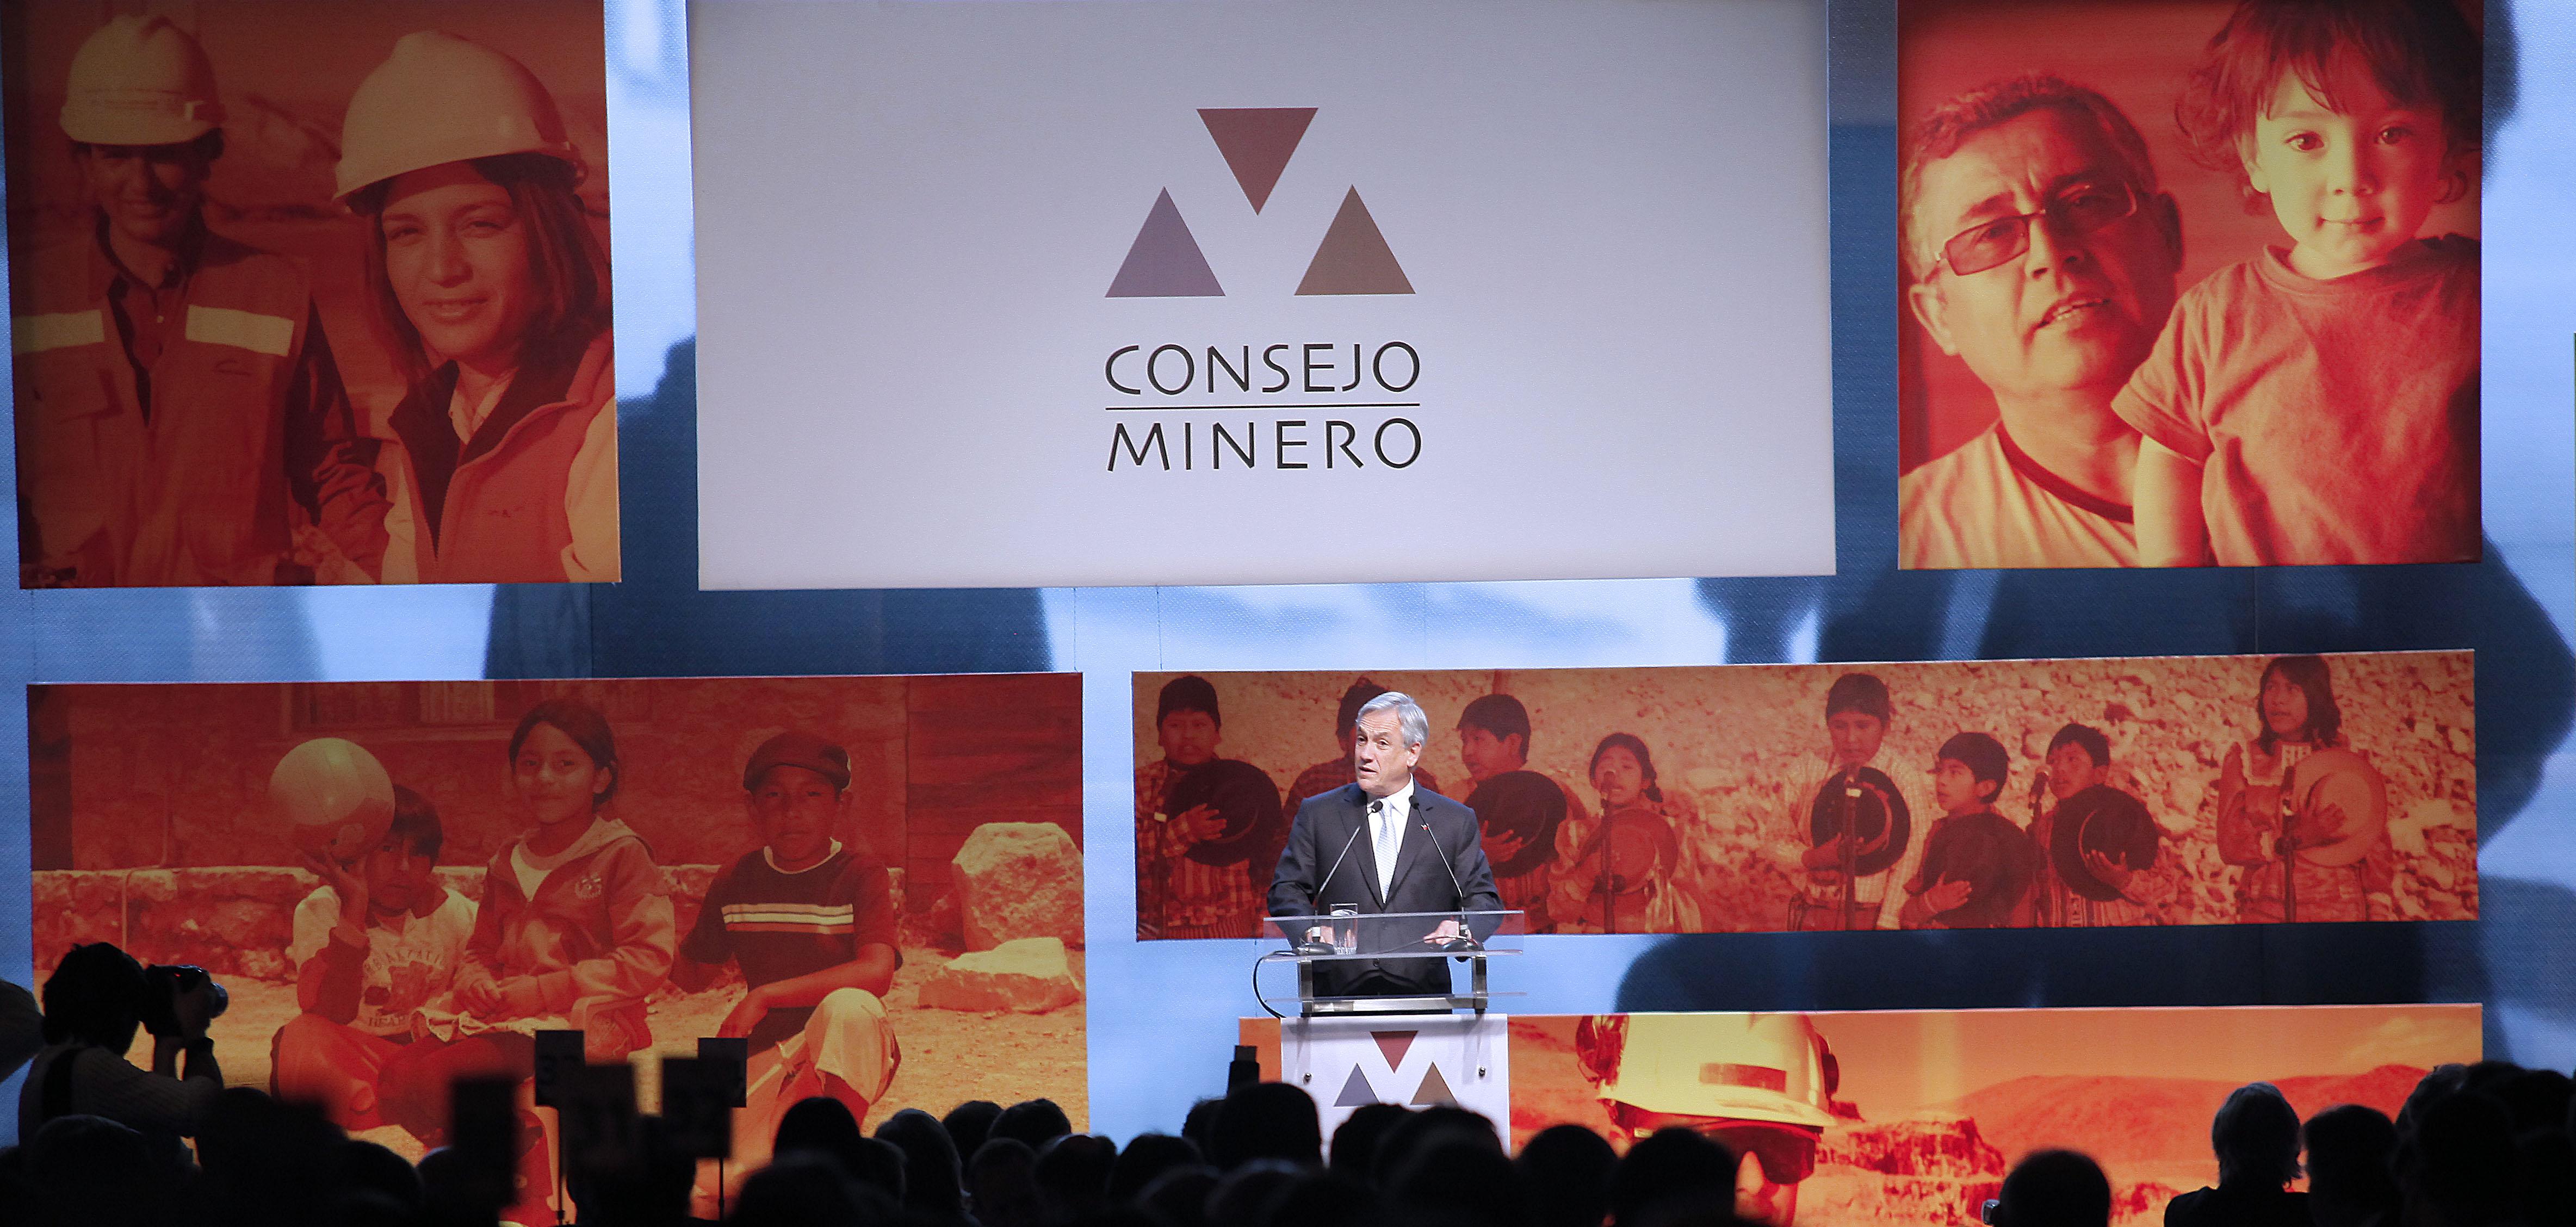 A UNO 071373 183x96 - Contradicción total: Consejo Minero habría entregado 900 millones de pesos al Gobierno para realizar COP25